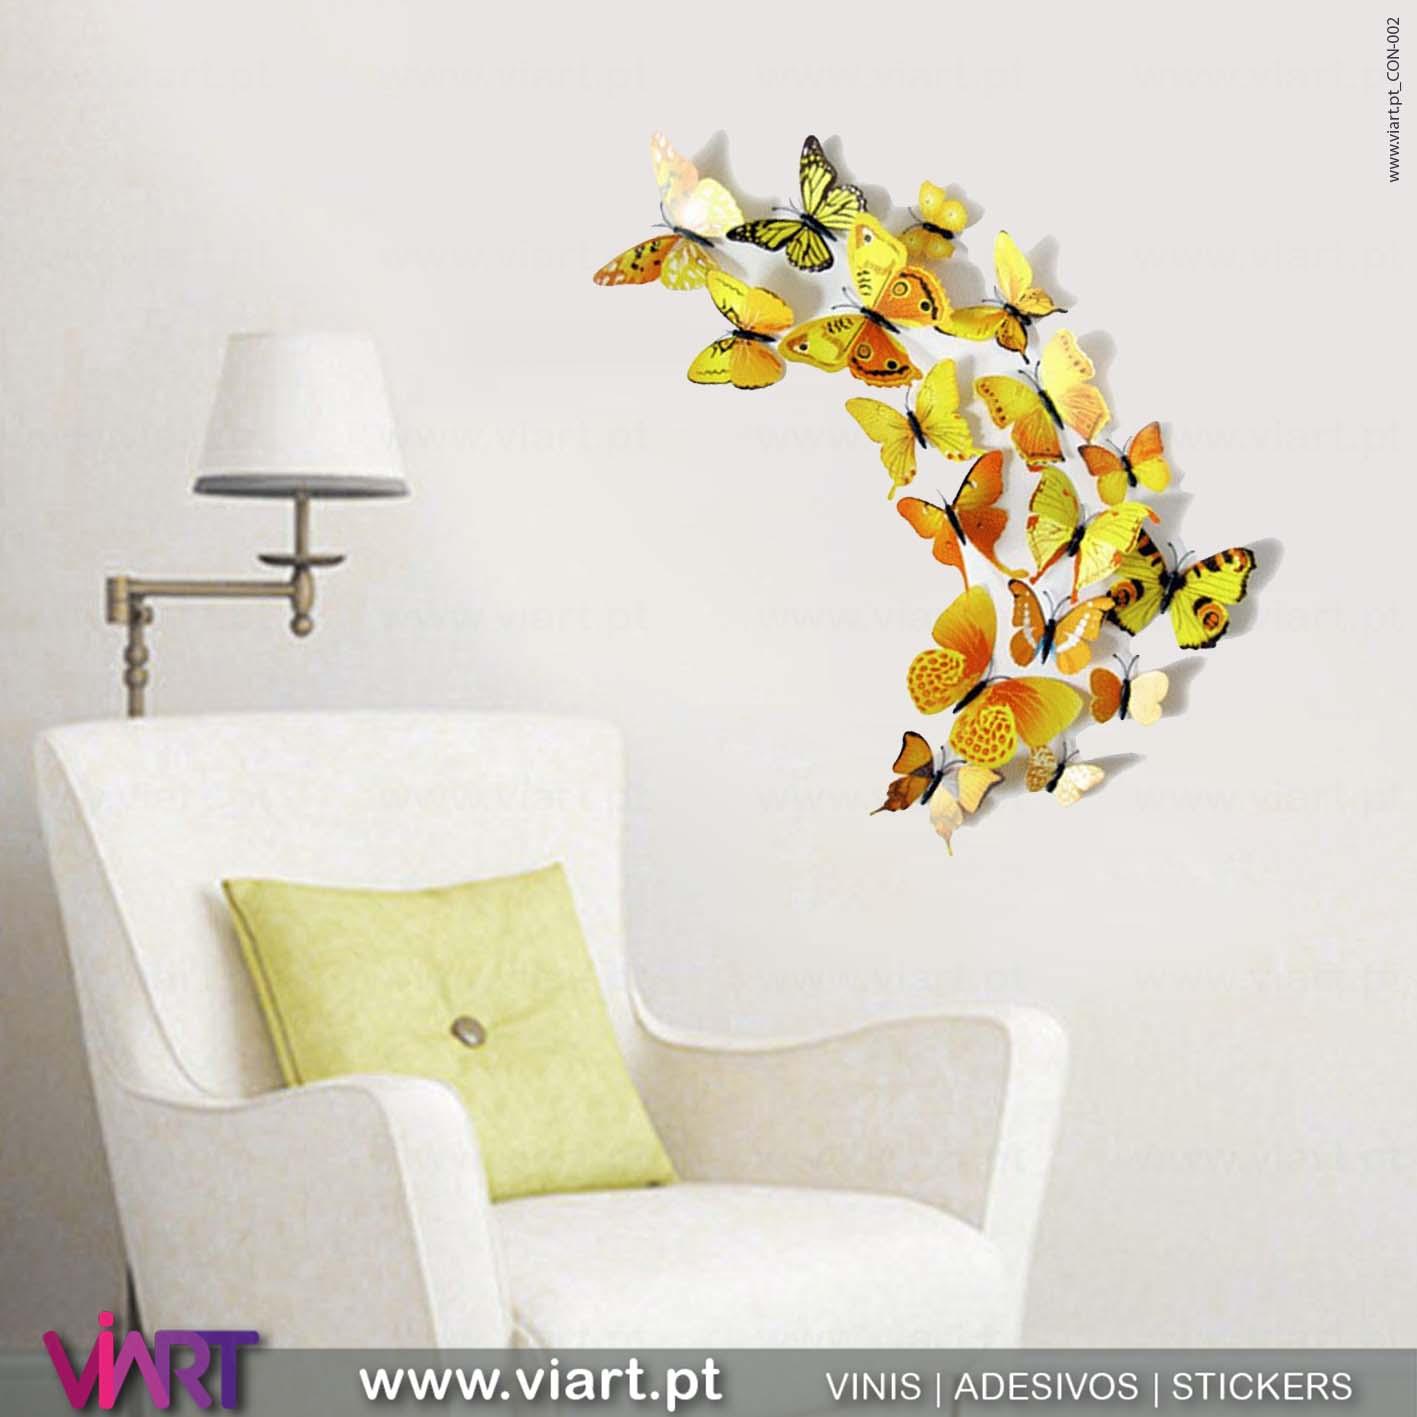 Viart - Vinis autocolantes decorativos - Adesivo decoração - Borboletas Amarelas! Magnéticas! Efeito 3D